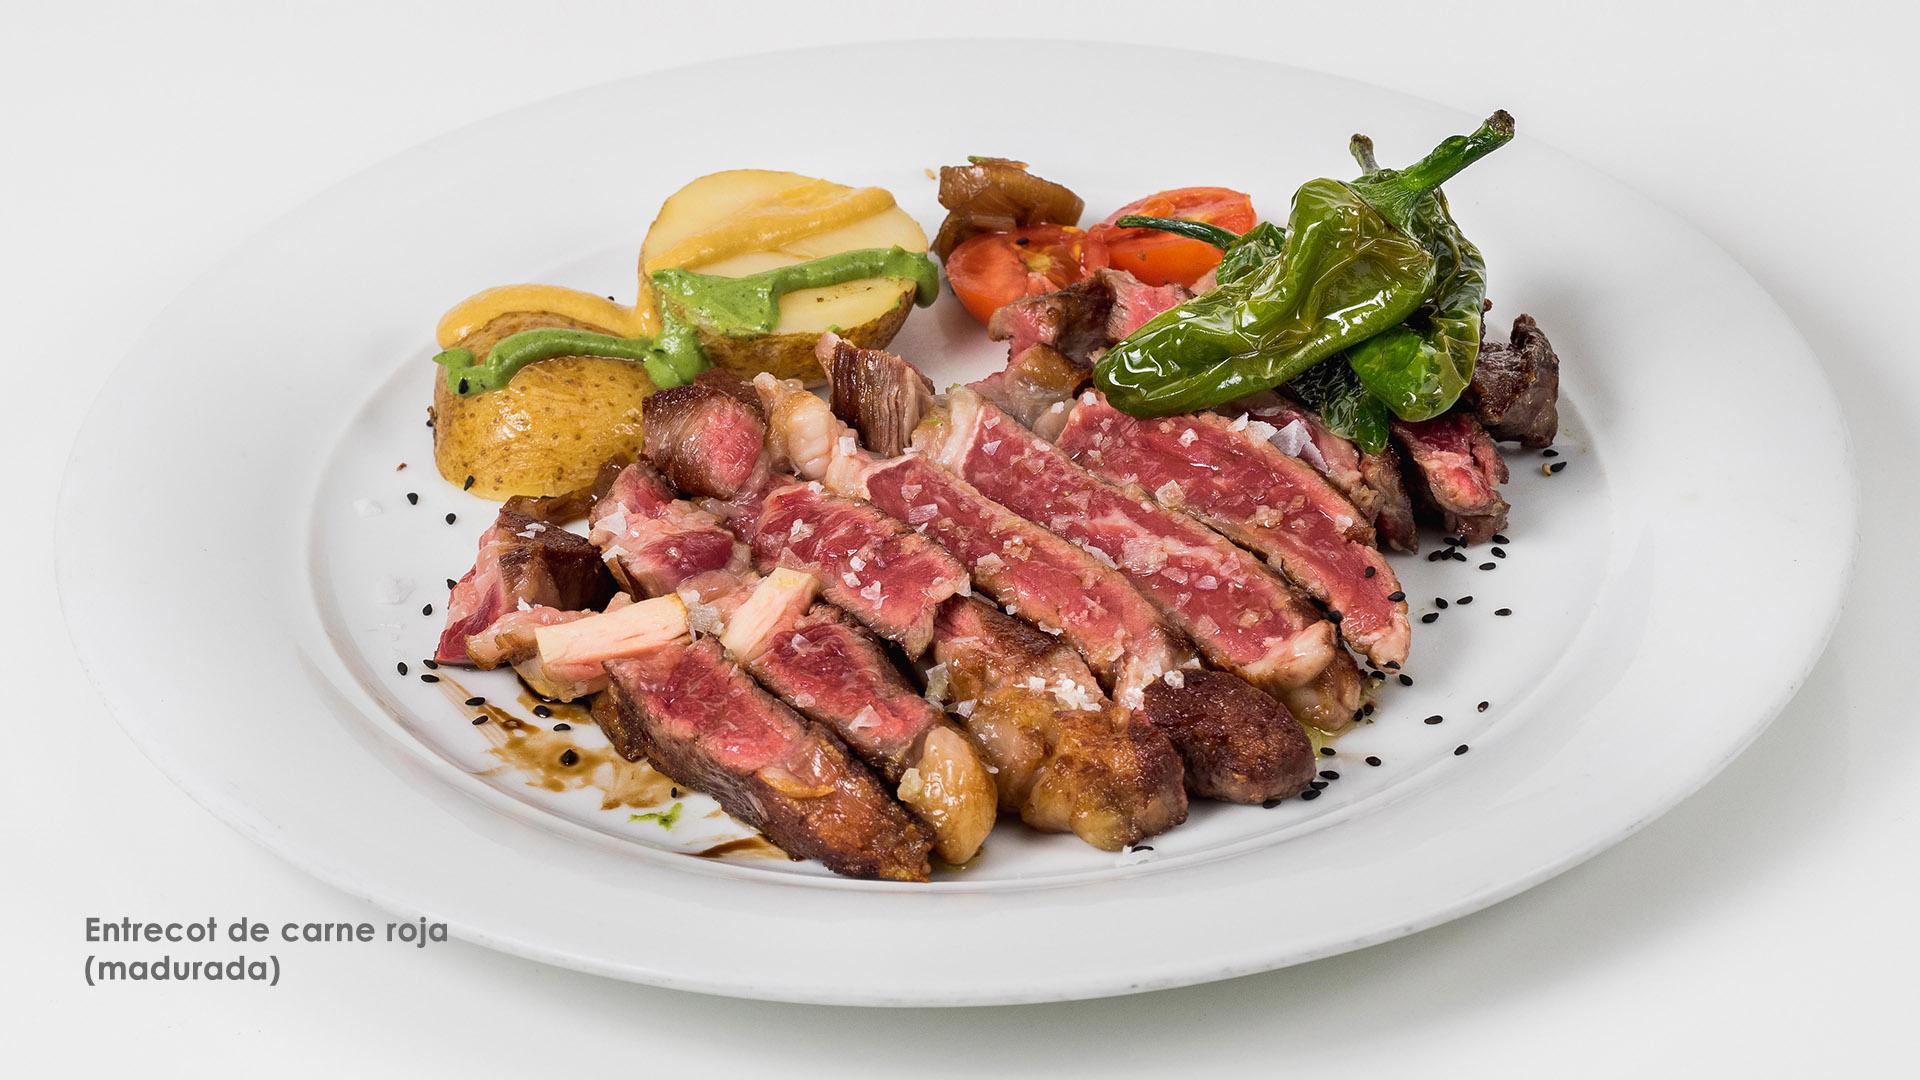 Entrecot de carne roja madurada